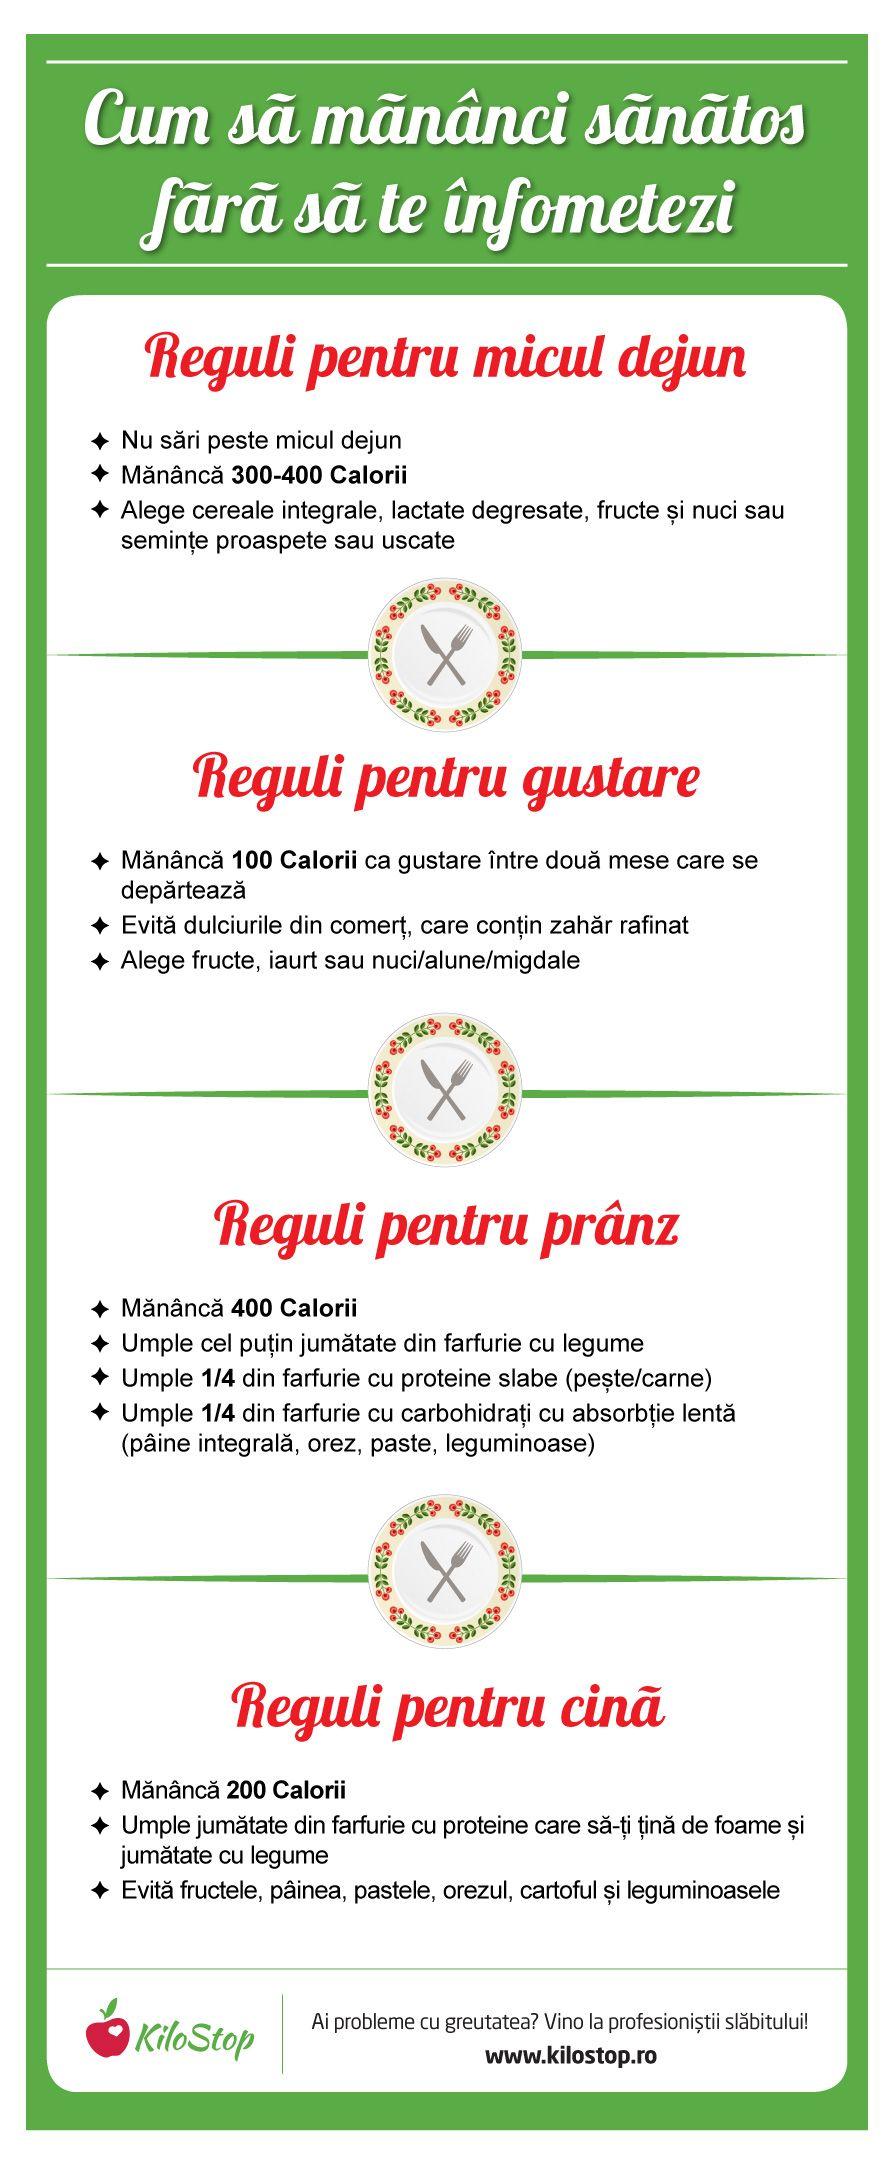 colesterol control - mamma mia restaurant & catering